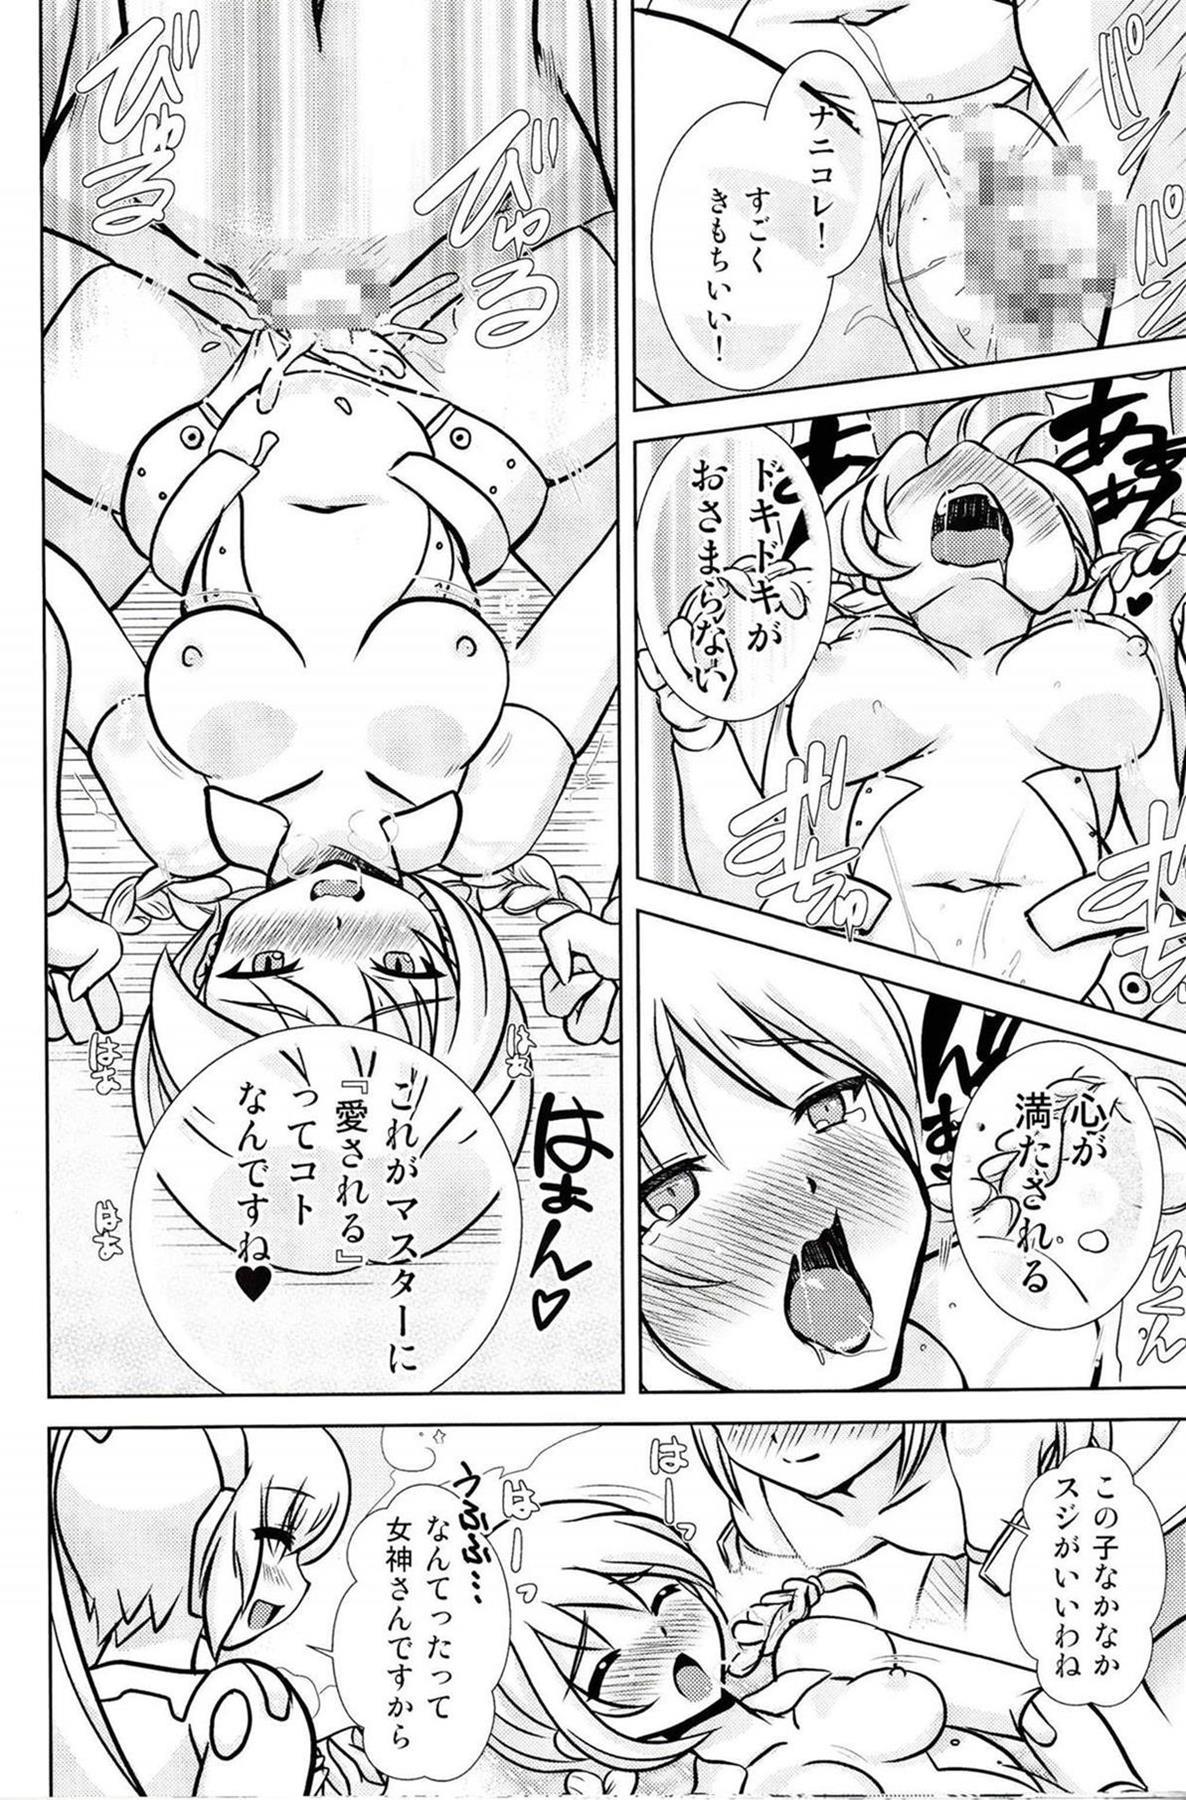 あれここはどこだ?なんでアリナと同じ大きさになってるんだ!?【エロ漫画・エロ同人誌】 (23)